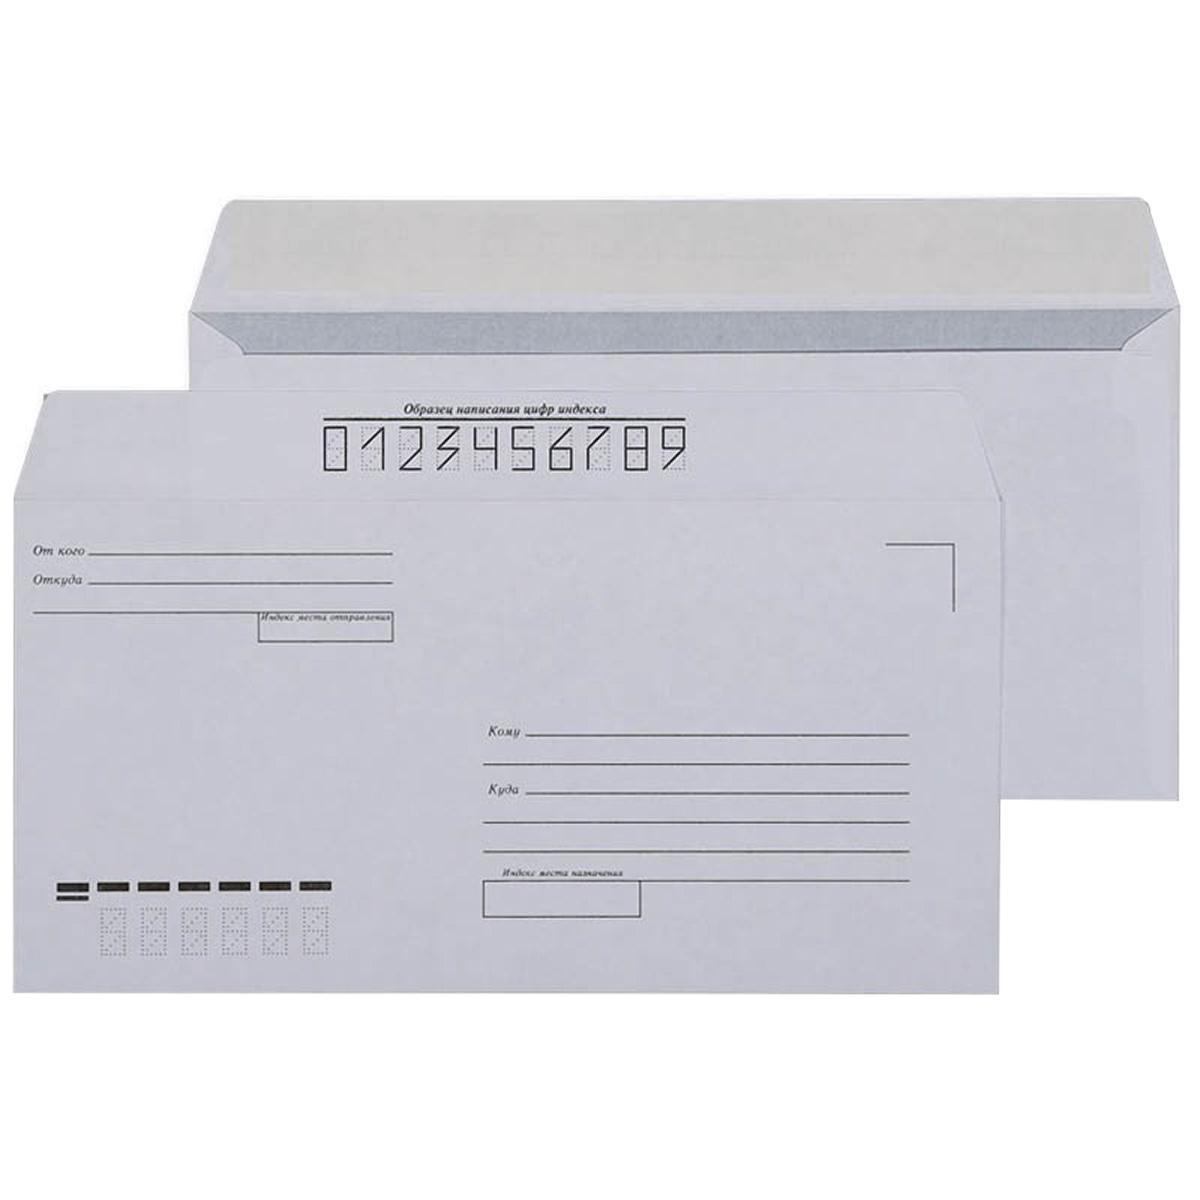 Крыша конверт фото домов без стойка обычно бывает